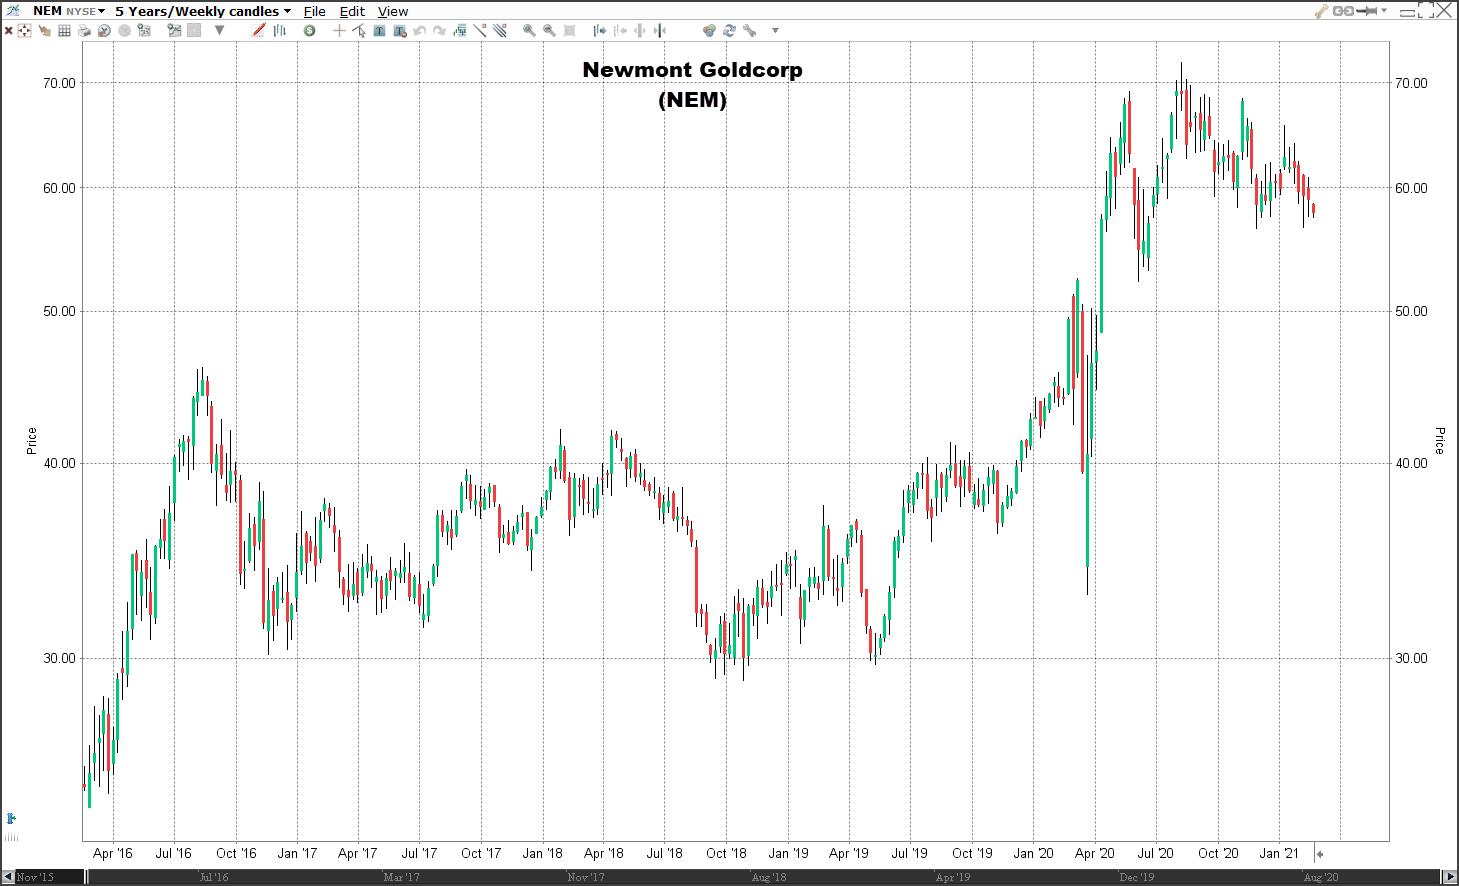 goudmijn aandeel newmont koers